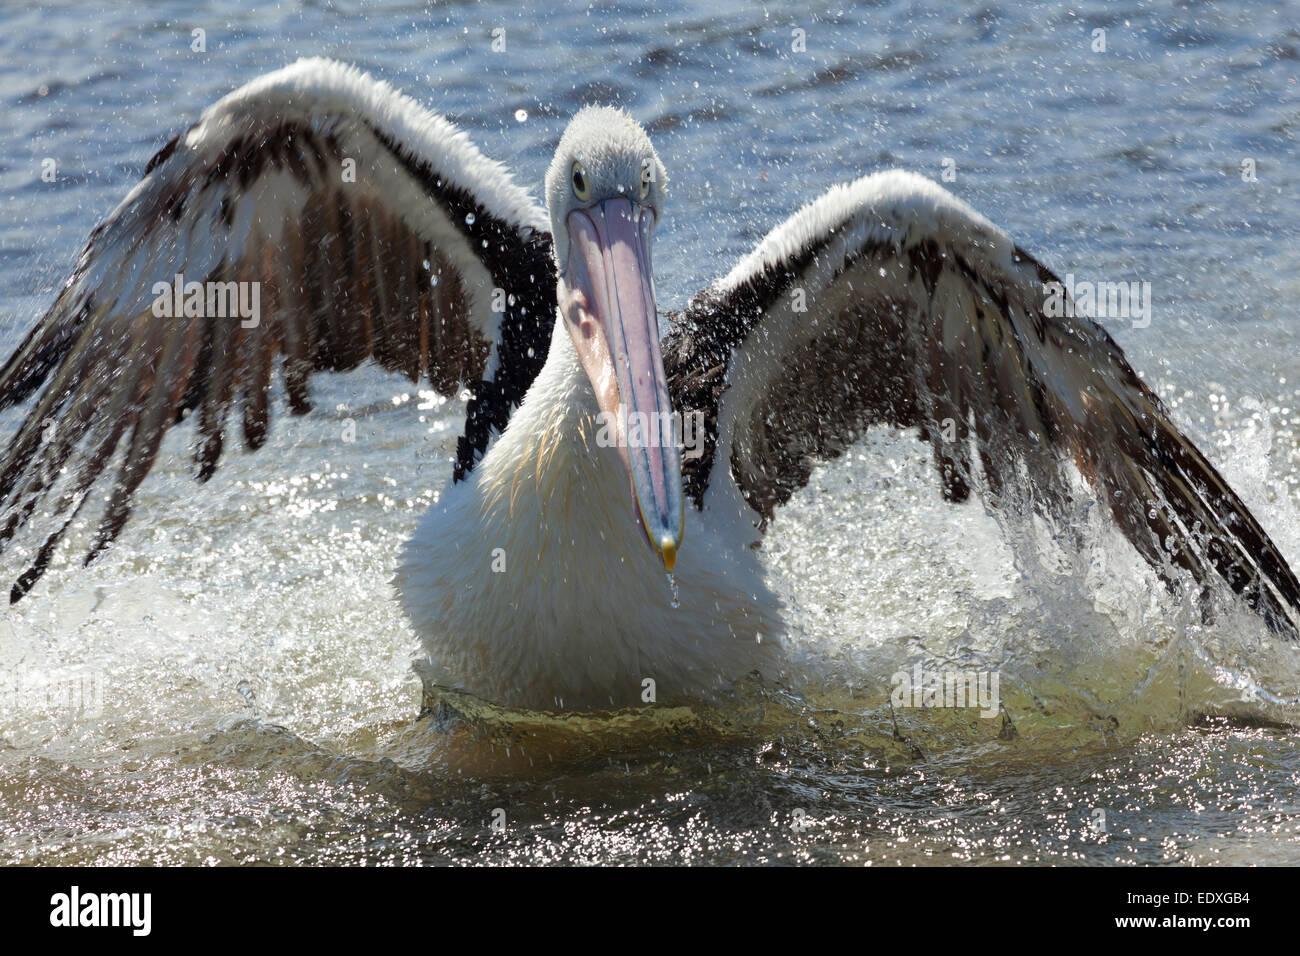 En Wallis Pelican Lake, Nueva Gales del Sur, Australia Imagen De Stock